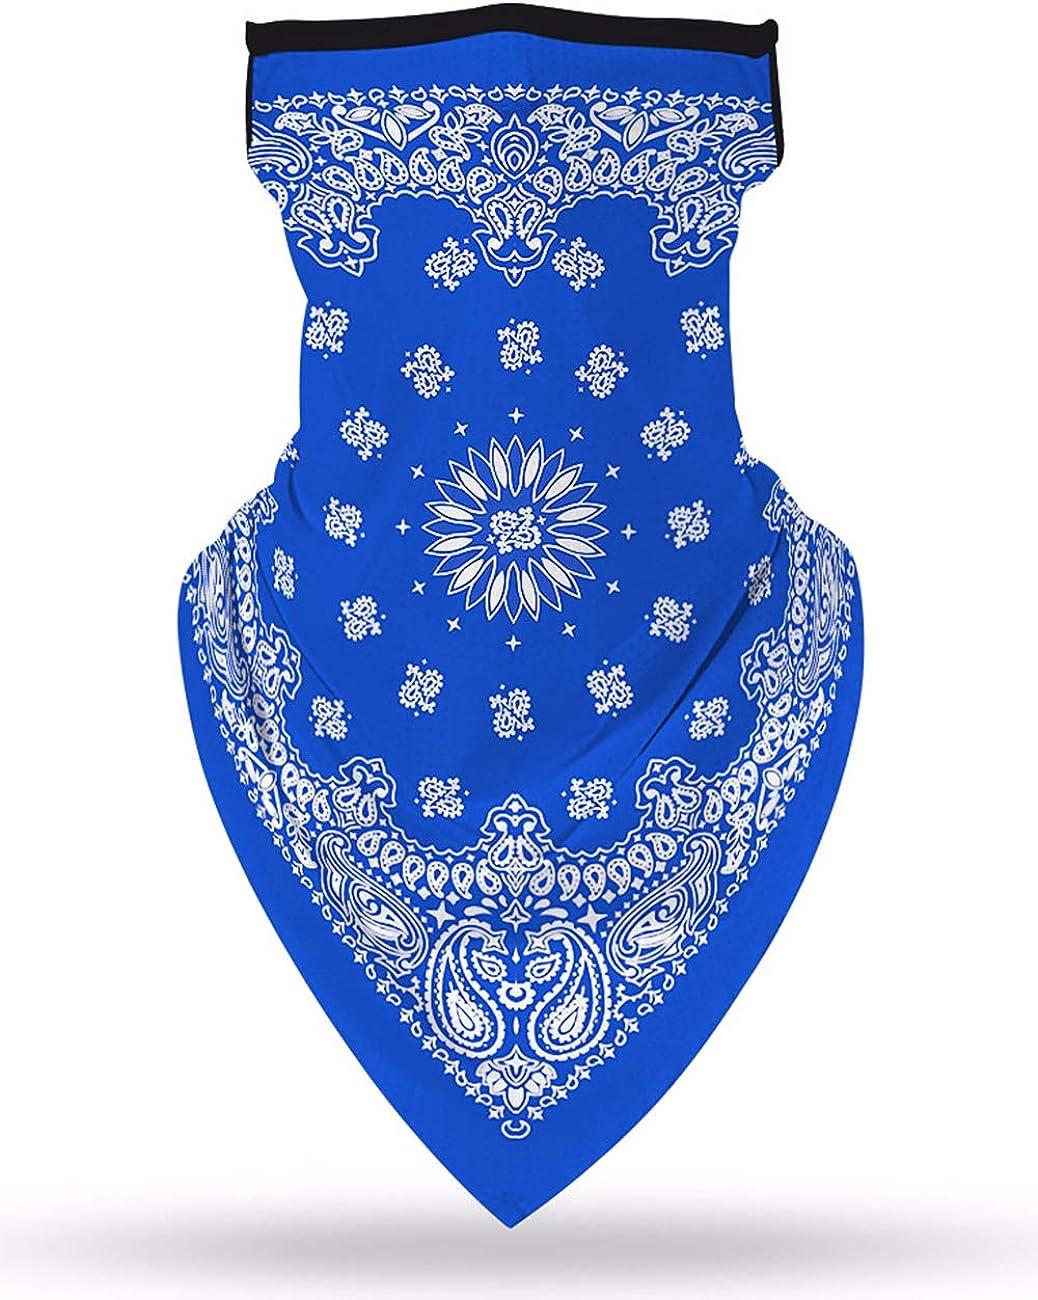 Ecosunny Face Mask Bandanas Scarf Cool 25% OFF Gaiter Neck Fashion UV Protection